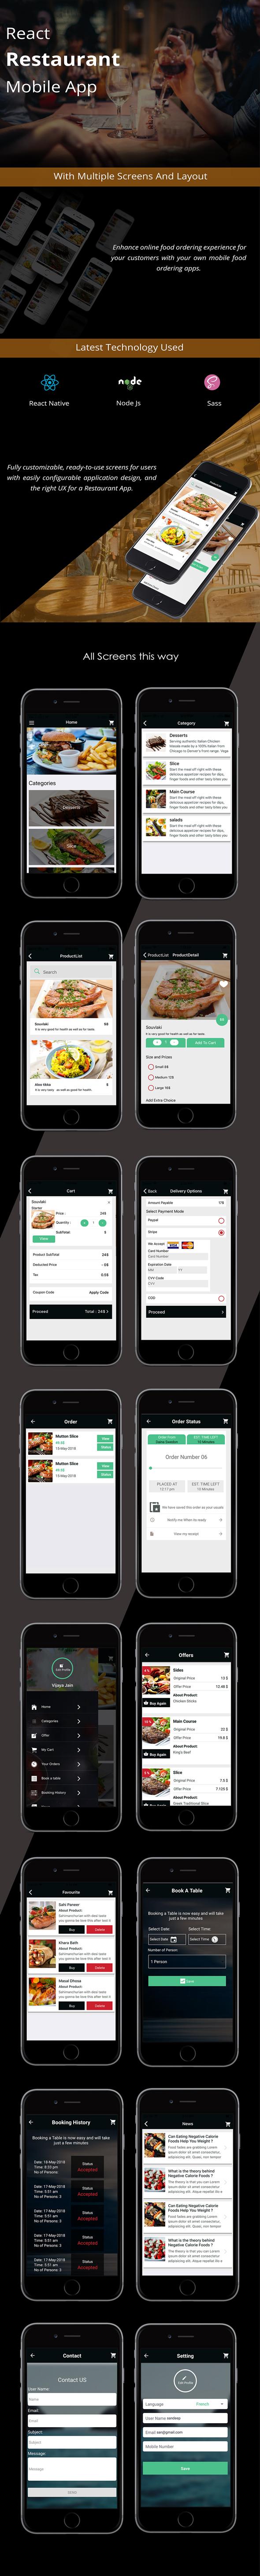 React Native Restaurant Mobile App - 4